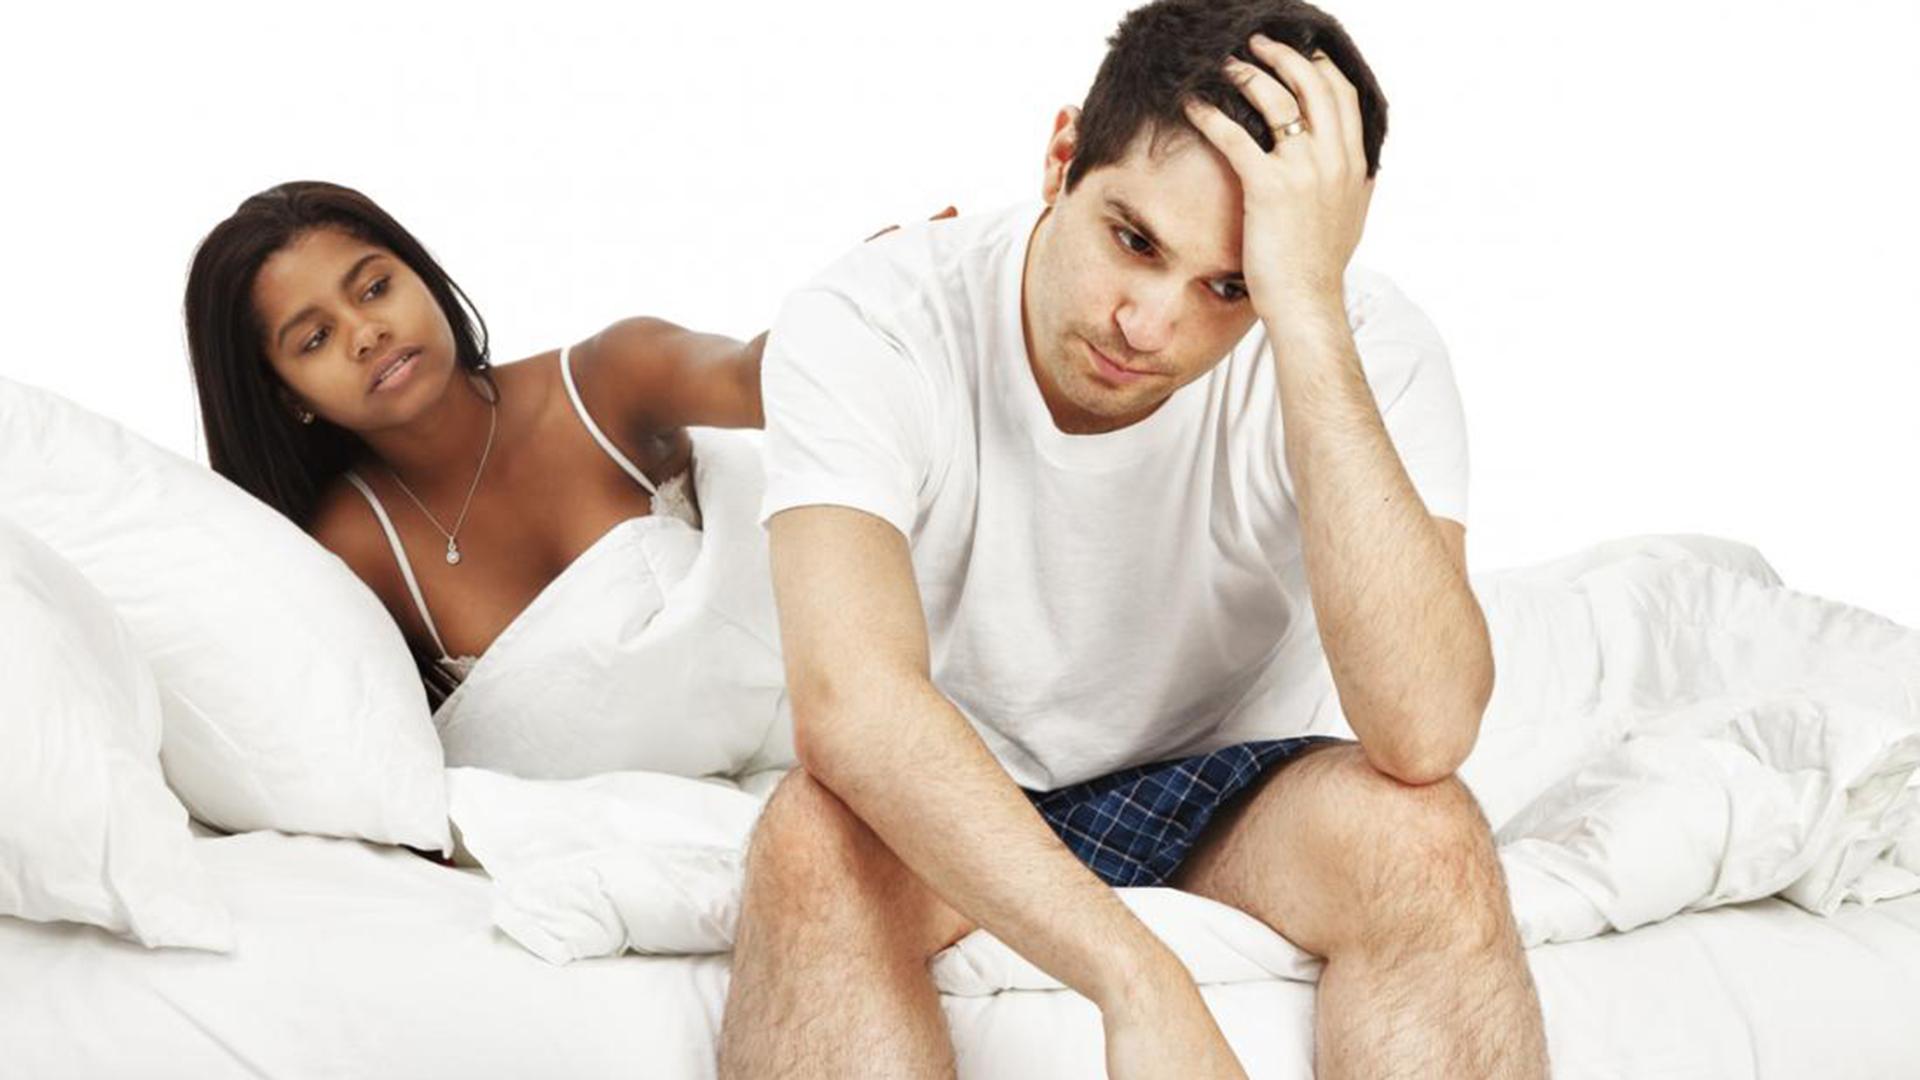 Lipsa erectiei dupa prima intalnire